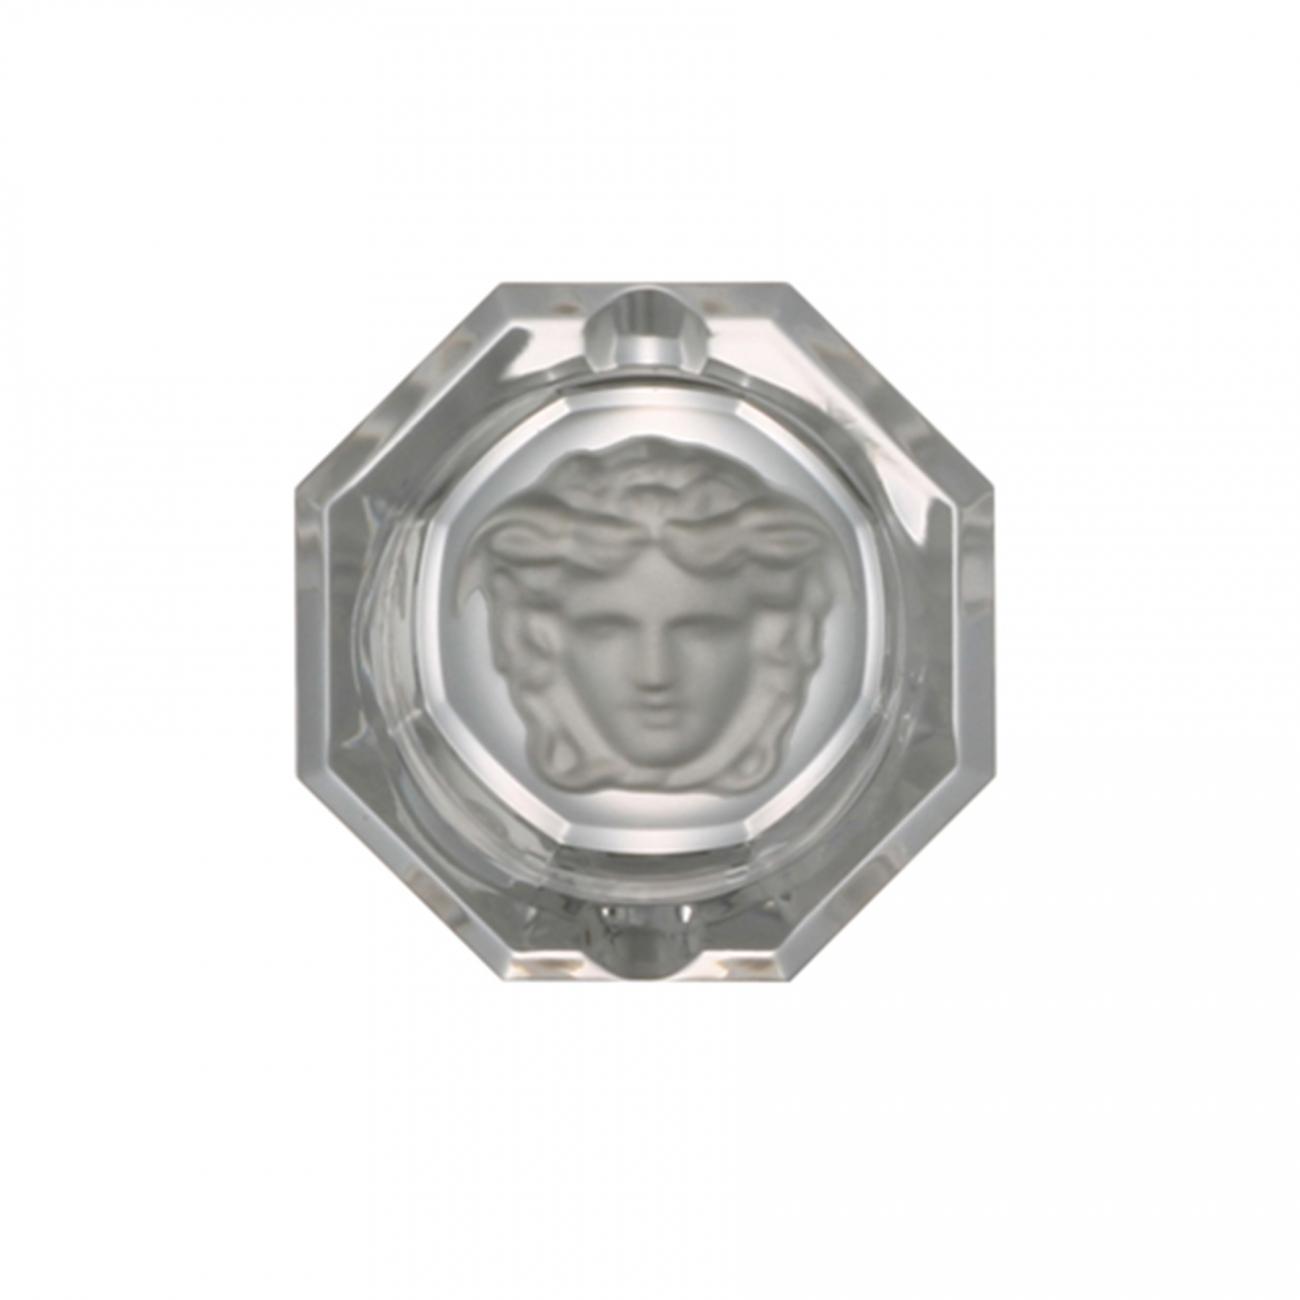 Rosenthal Versace Medusa Lumière Glass coaster